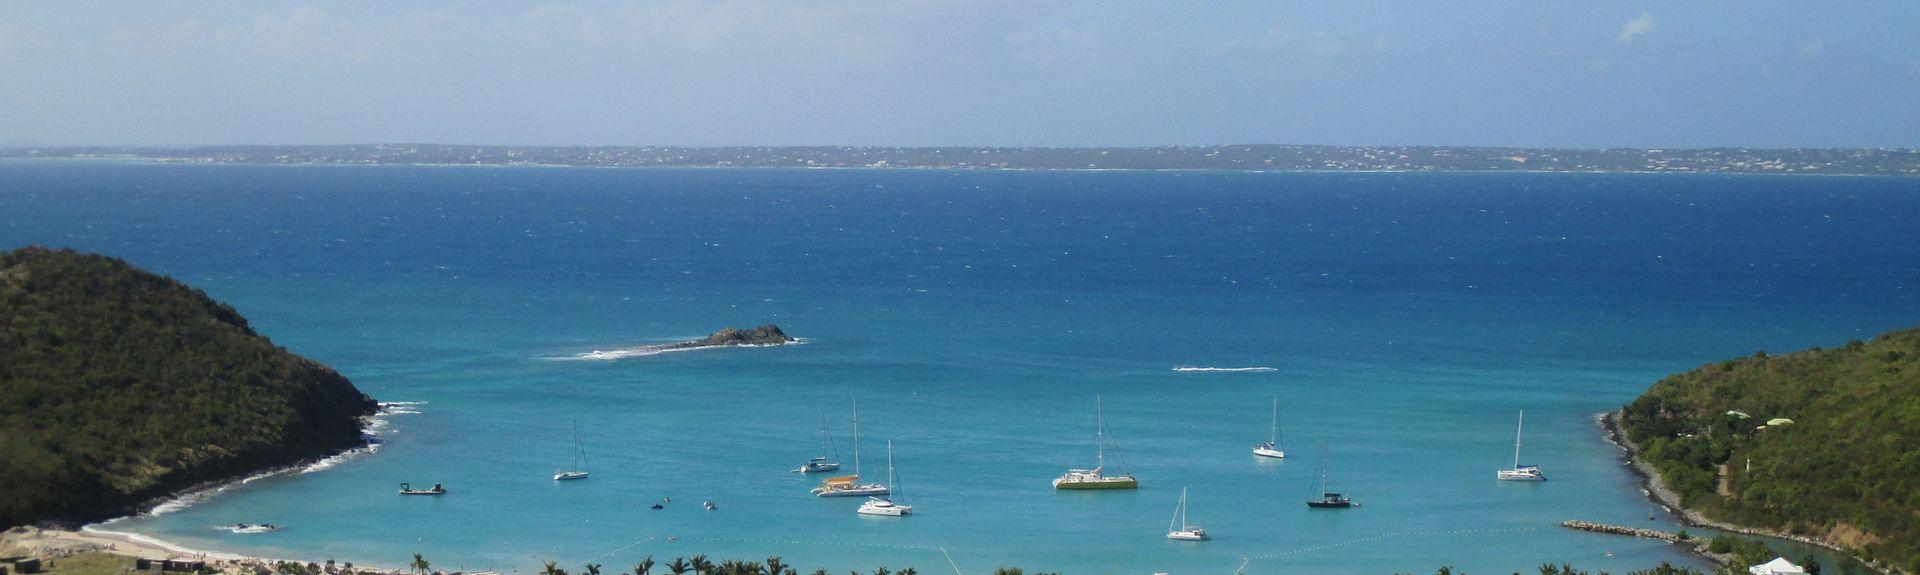 Long Beach - St. Maarten, San Martín